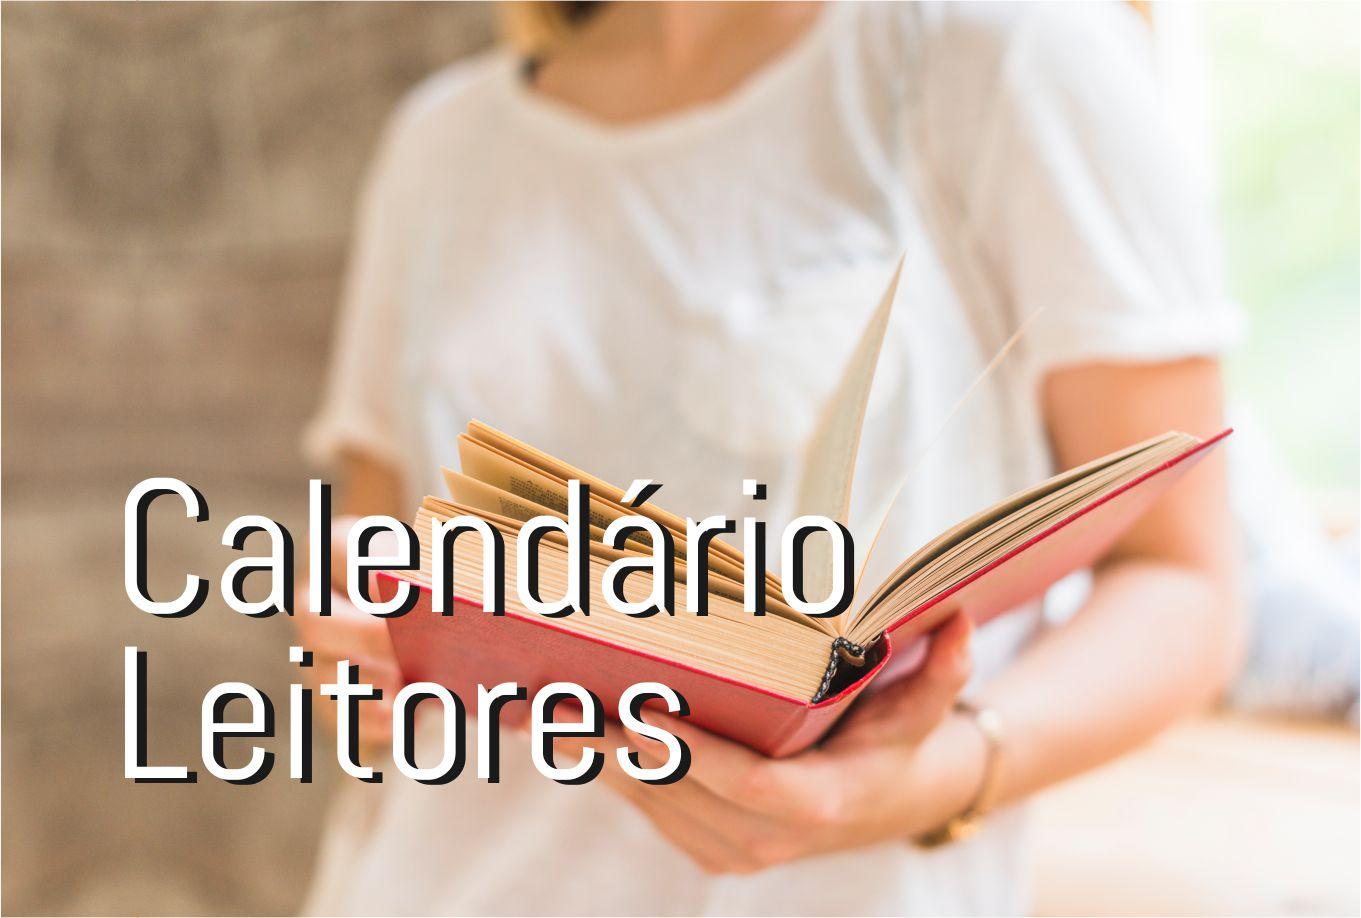 leitores